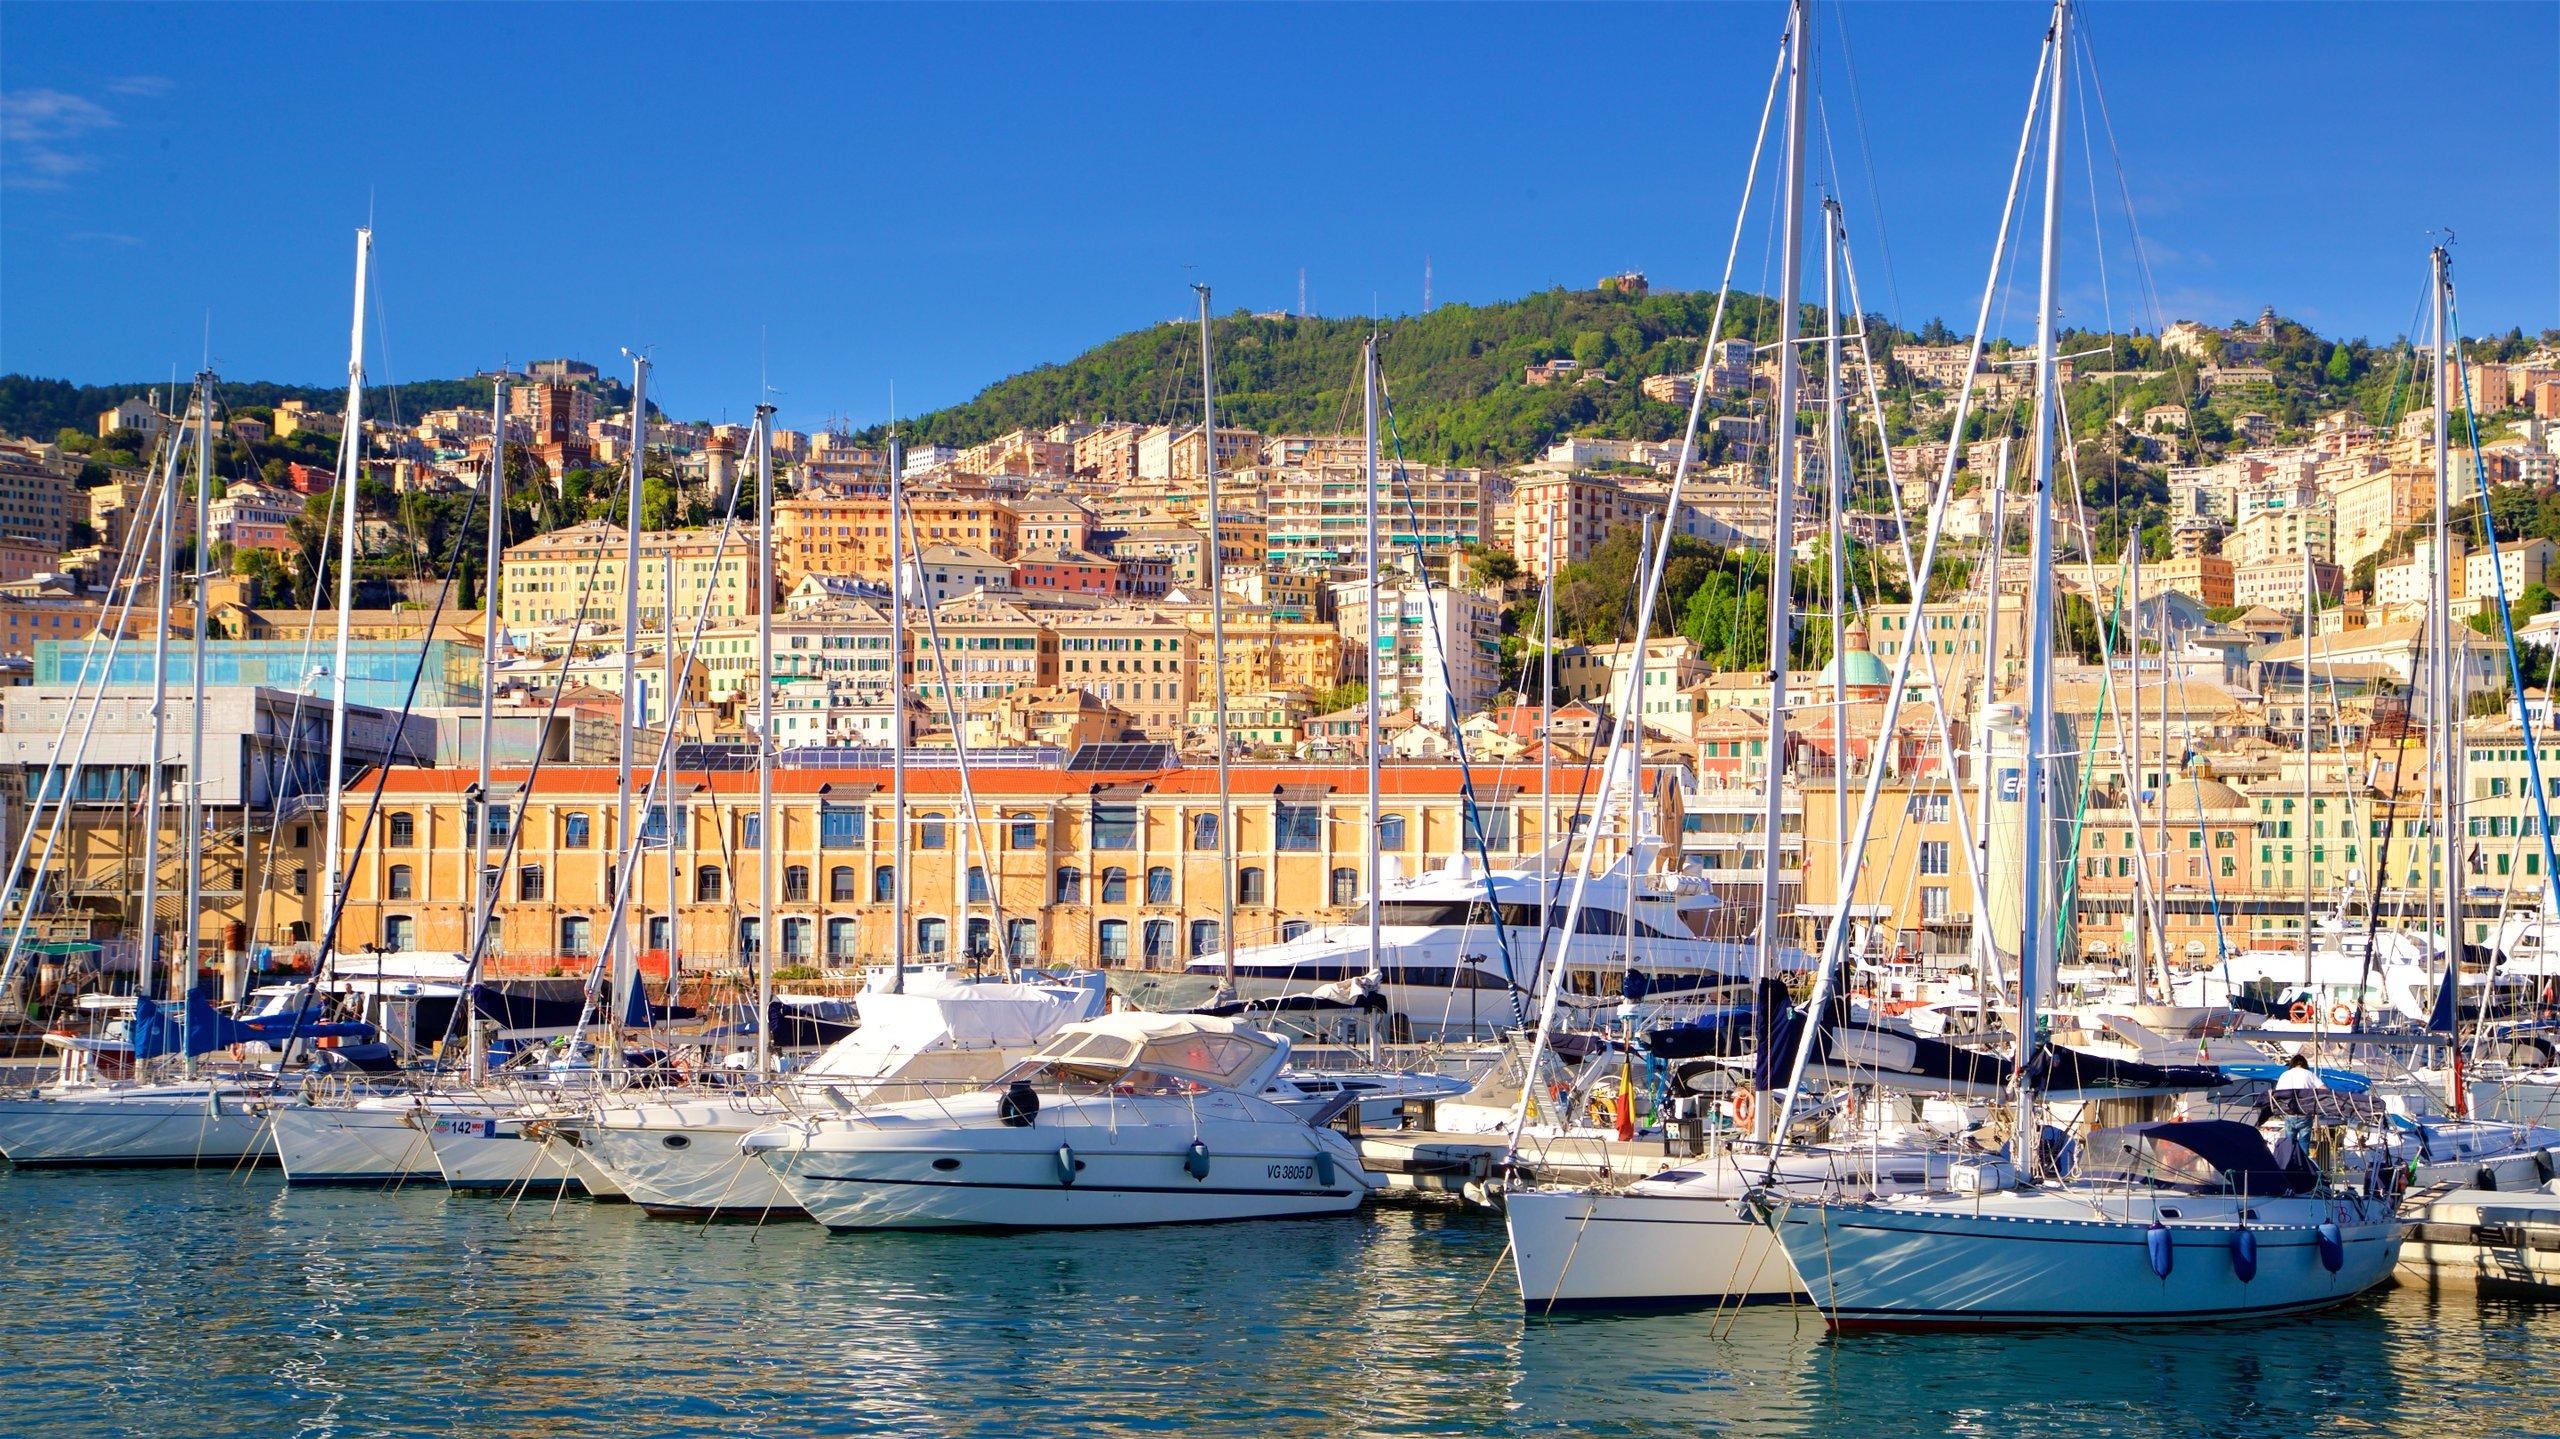 Questa fiorente zona di Genova vanta un ricco patrimonio culturale, splendidi musei, un porto trafficato e varie strutture ricreative in una piacevole atmosfera.